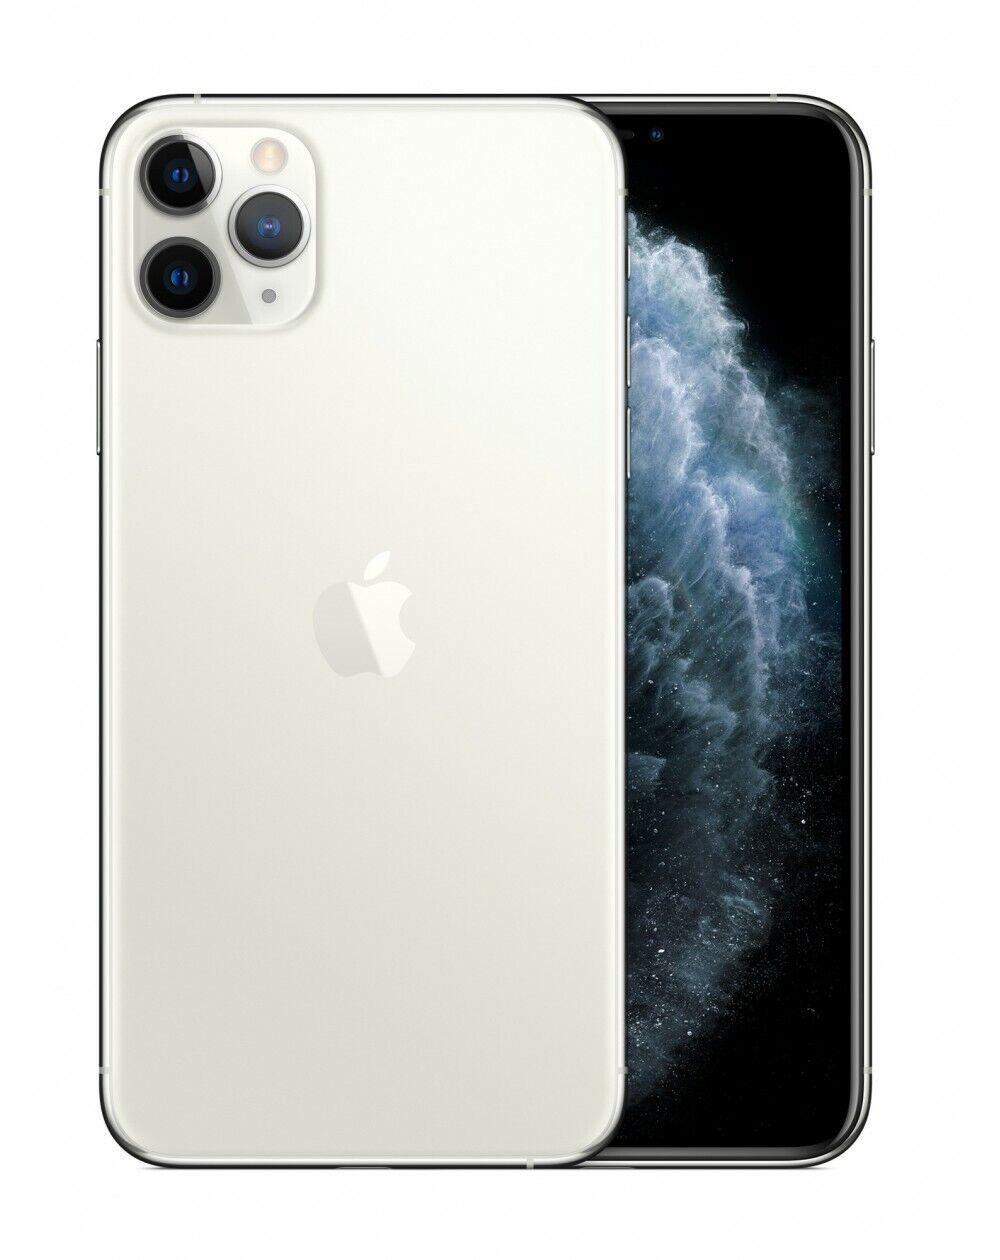 Smartphone Apple iPhone 11 Pro Max 64GB Silver Argento Garanzia 24 Mesi Nuovo